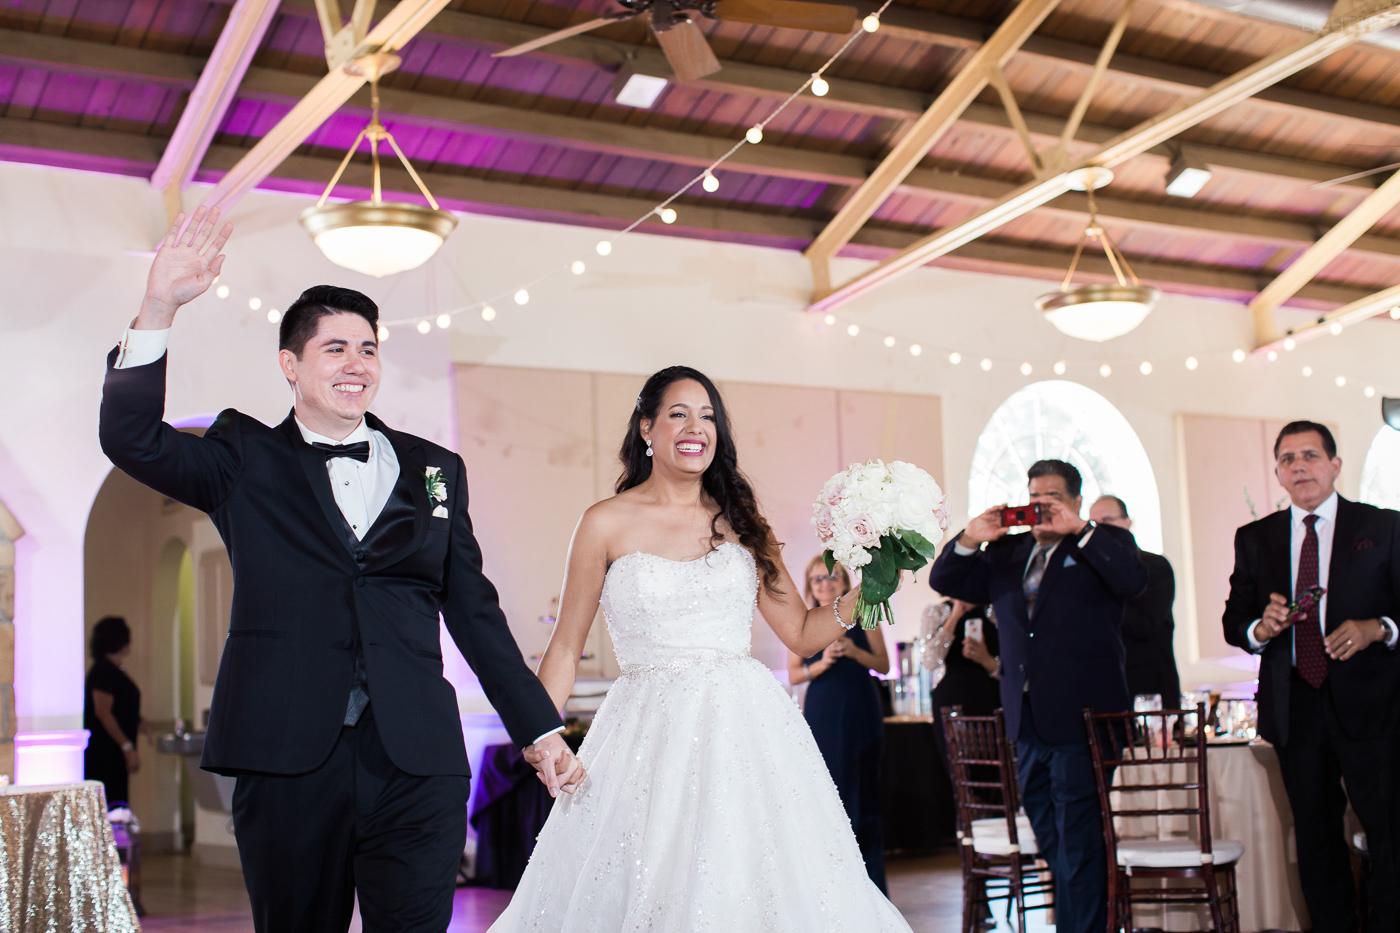 magnolia building wedding in lakeland-12.jpg